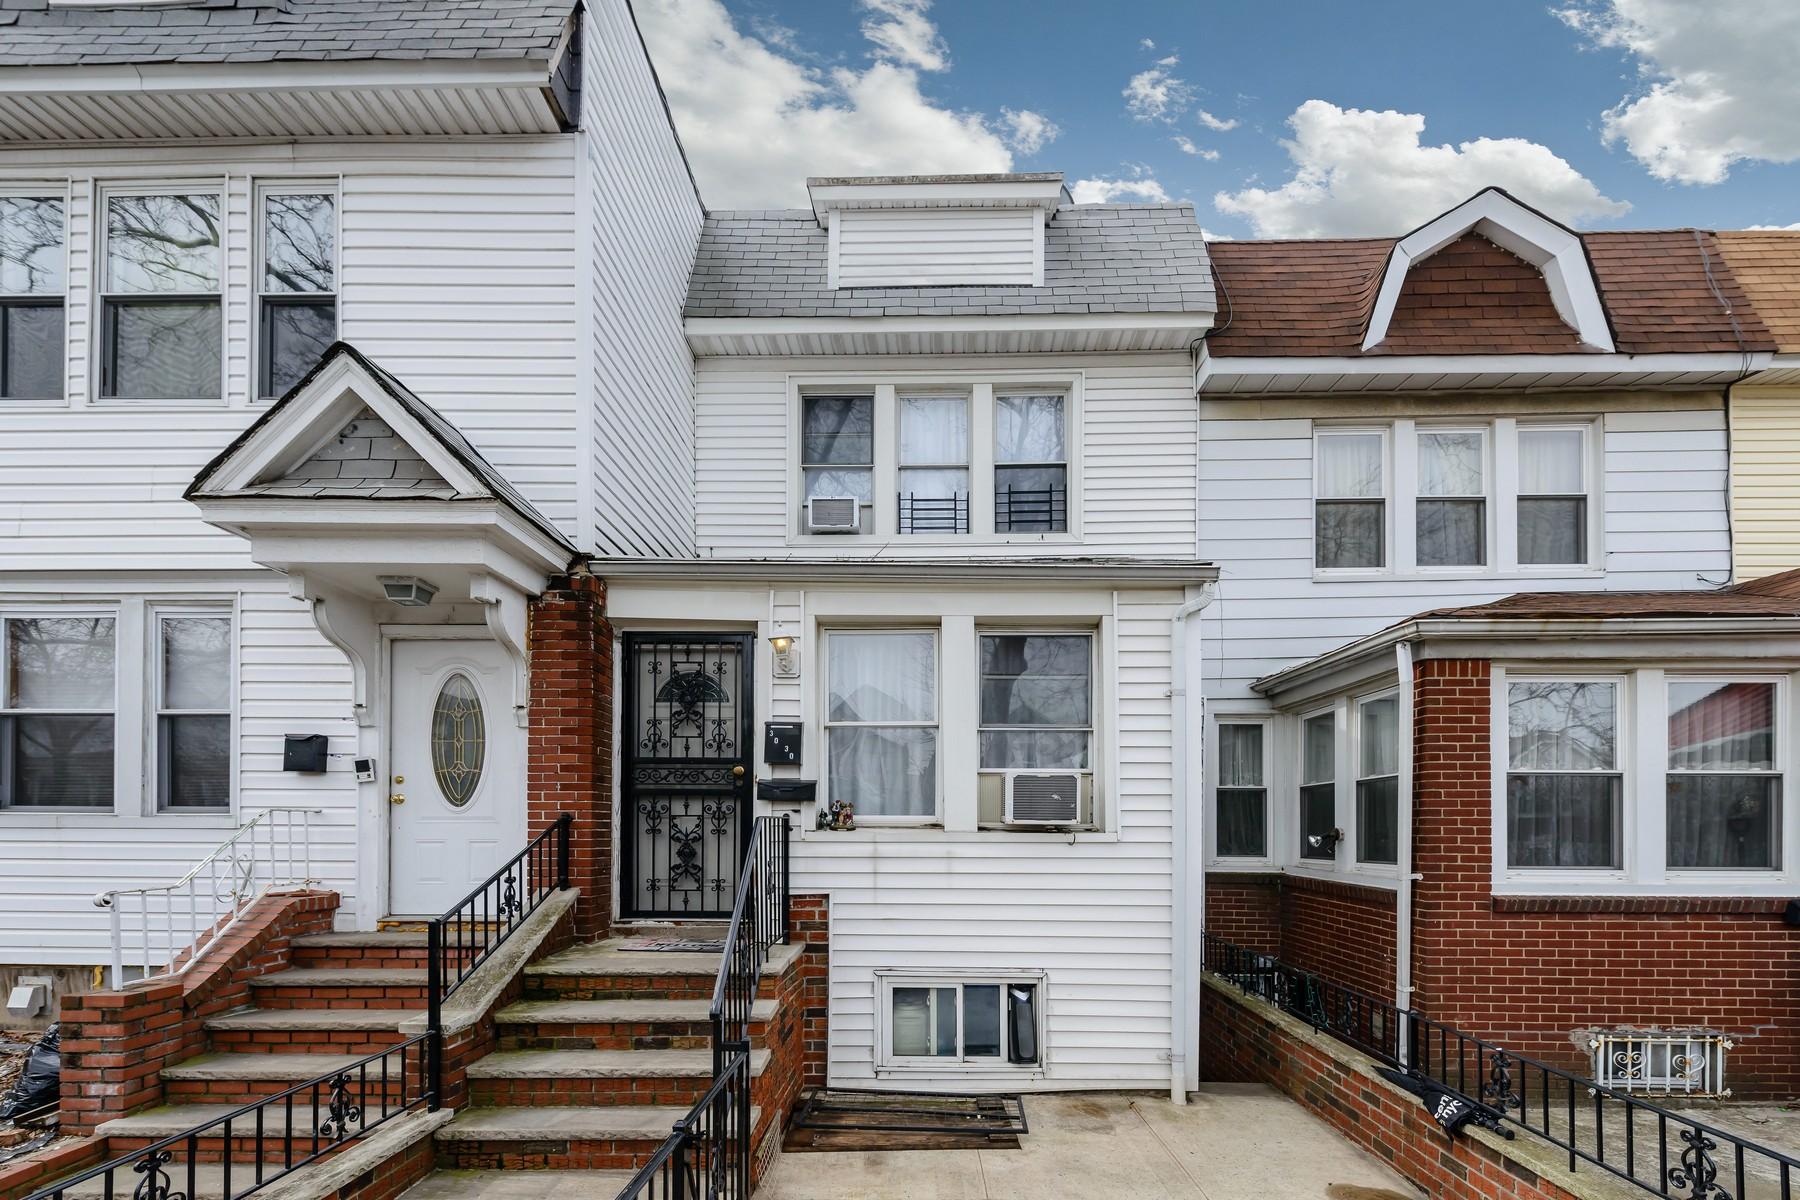 Single Family Home for Sale at 30-30 91st St , E. Elmhurst, NY 11369 30-30 91st St East Elmhurst, New York 11369 United States